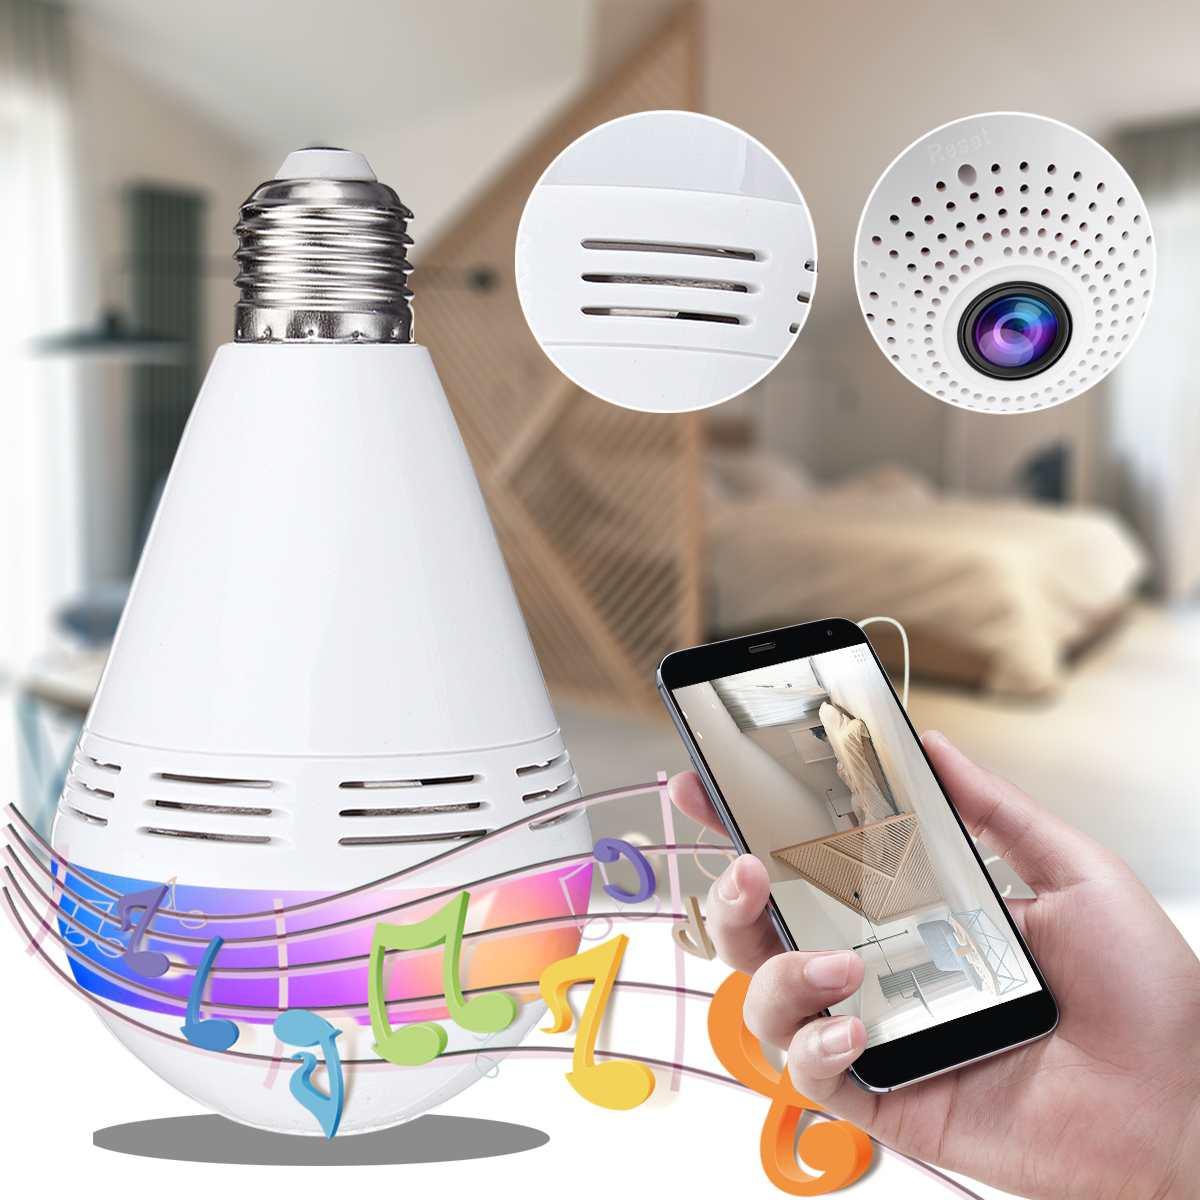 E27 RGB sans fil bluetooth haut-parleur ampoule musique jouant Dimmable lampe à LED ampoule IP caméra Wifi FishEye CCTV caméra de sécurité